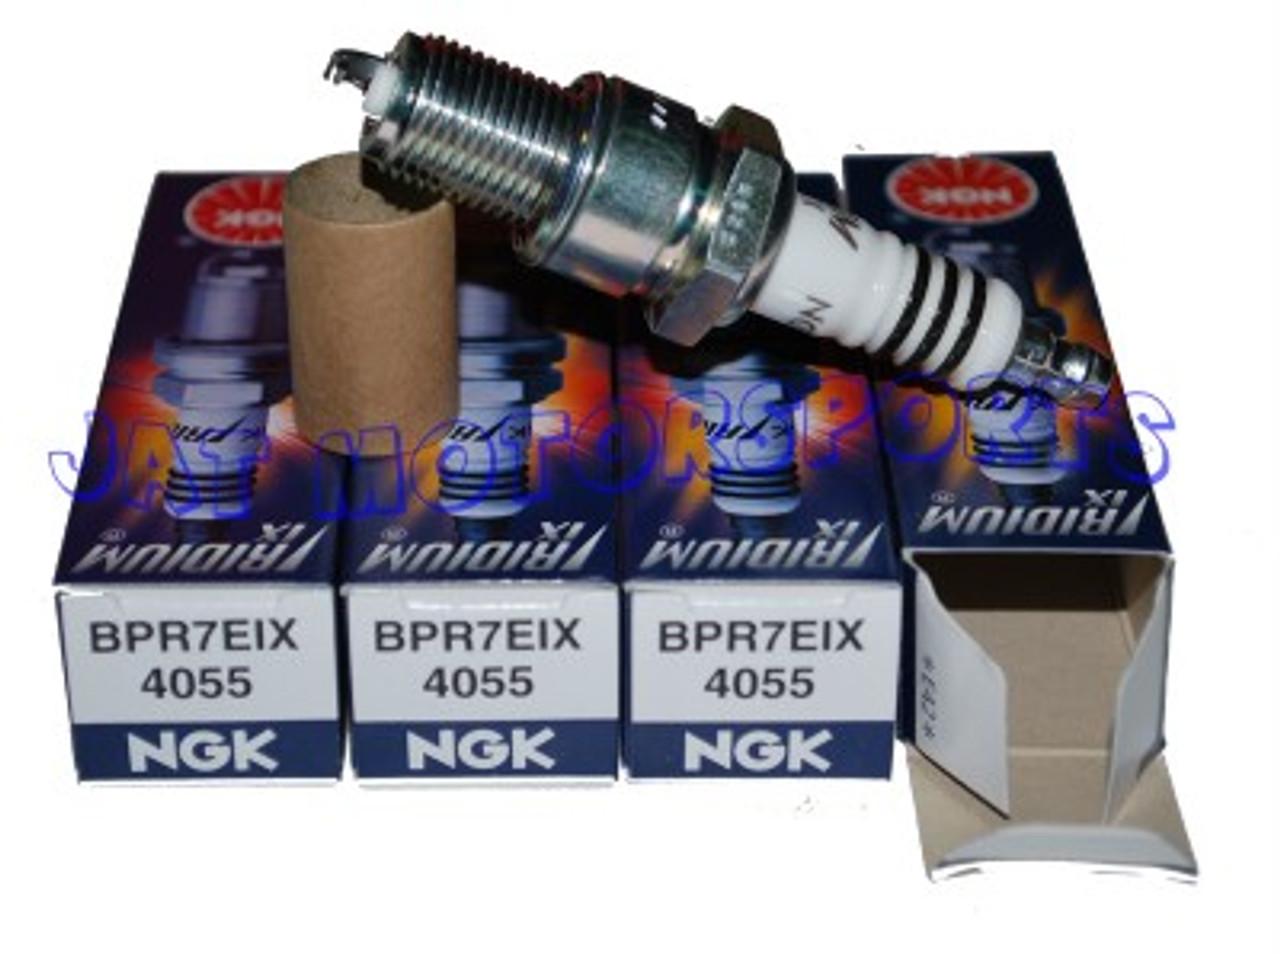 BPR7EIX  stock # 4055 new NGK spark plug